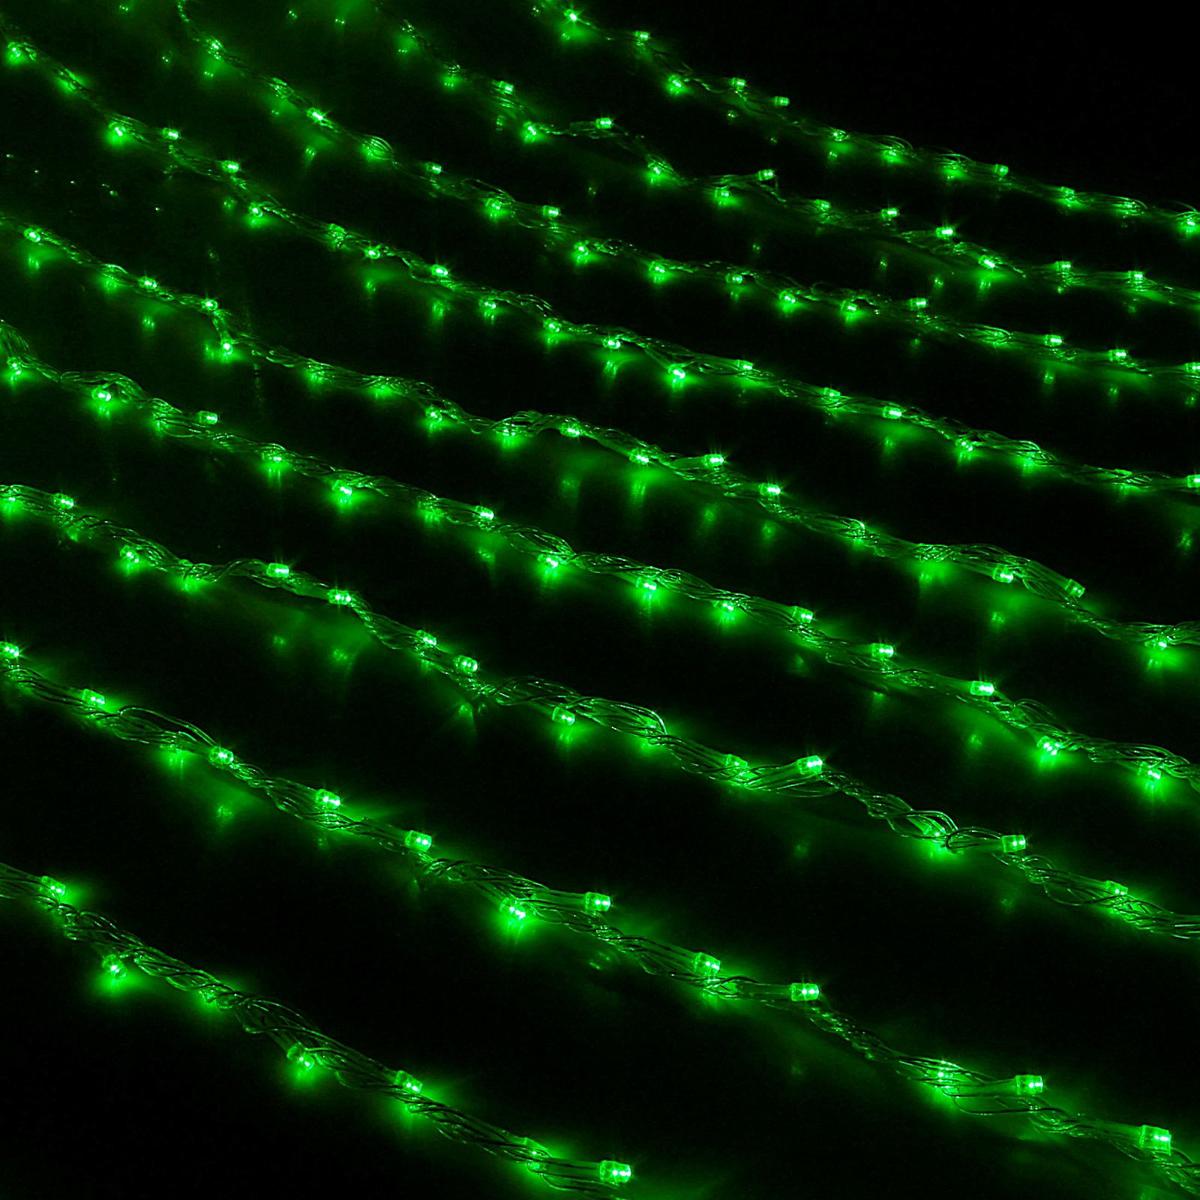 Гирлянда светодиодная Luazon Дождь, 400 ламп, 8 режимов, 220 V, 2 х 1,5 м, цвет: зеленый. 705964705964Гирлянда светодиодная Luazon Дождь - это отличный вариант для новогоднего оформления интерьера или фасада. С ее помощью помещение любого размера можно превратить в праздничный зал, а внешние элементы зданий, украшенные гирляндой, мгновенно станут напоминать очертания сказочного дворца. Такое украшение создаст ауру предвкушения чуда. Деревья, фасады, витрины, окна и арки будто специально созданы, чтобы вы украсили их светящимися нитями.